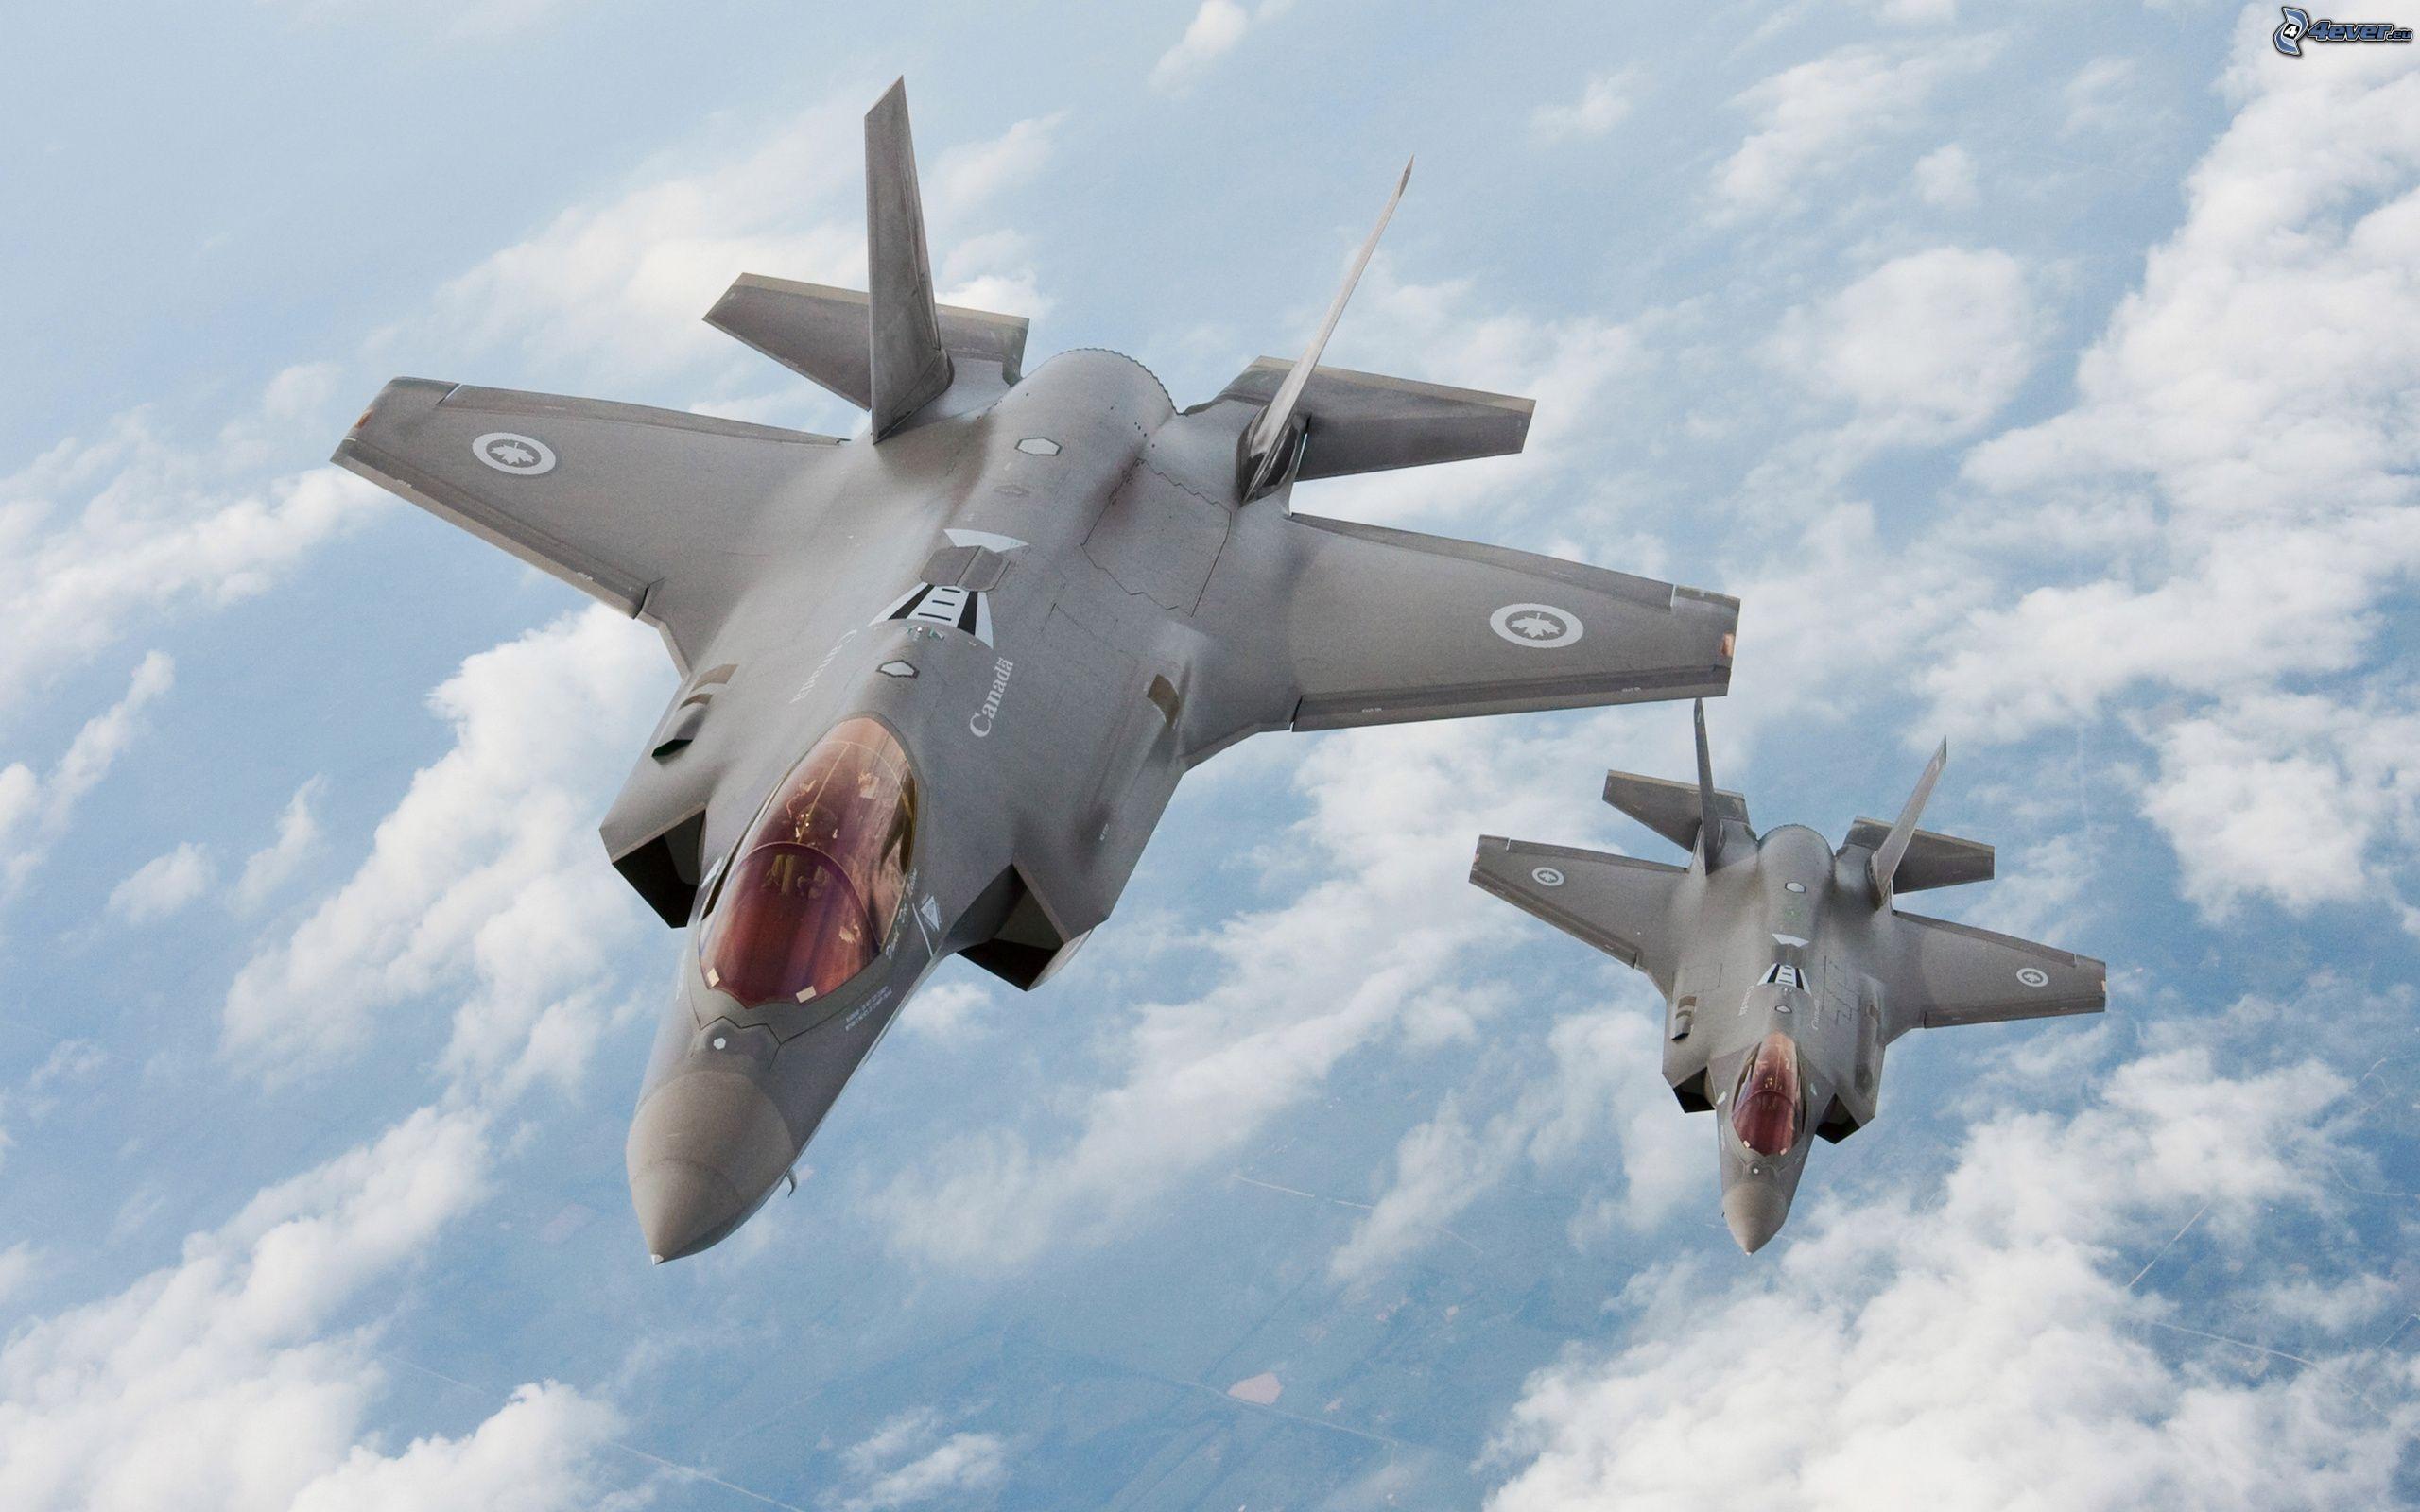 F 35 Lightning Ii Thunderbirds F 35 Lightning Ii Thunderbirds